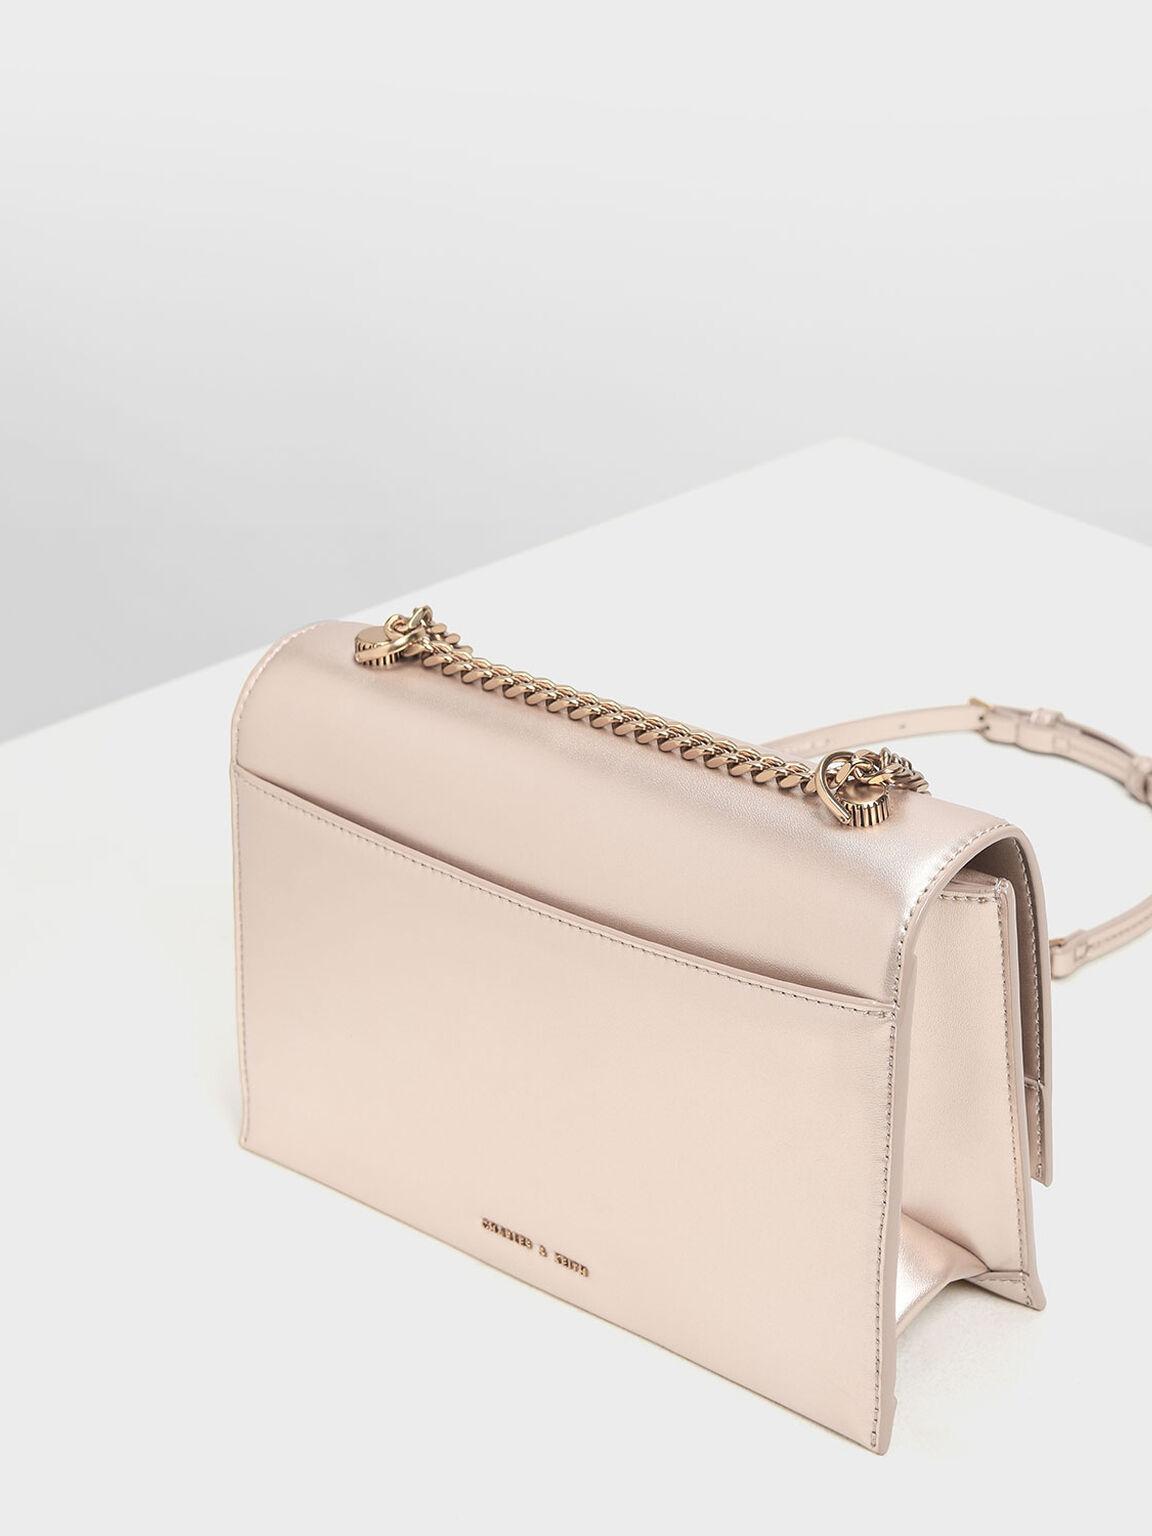 Classic Push Lock Bag, Rose Gold, hi-res